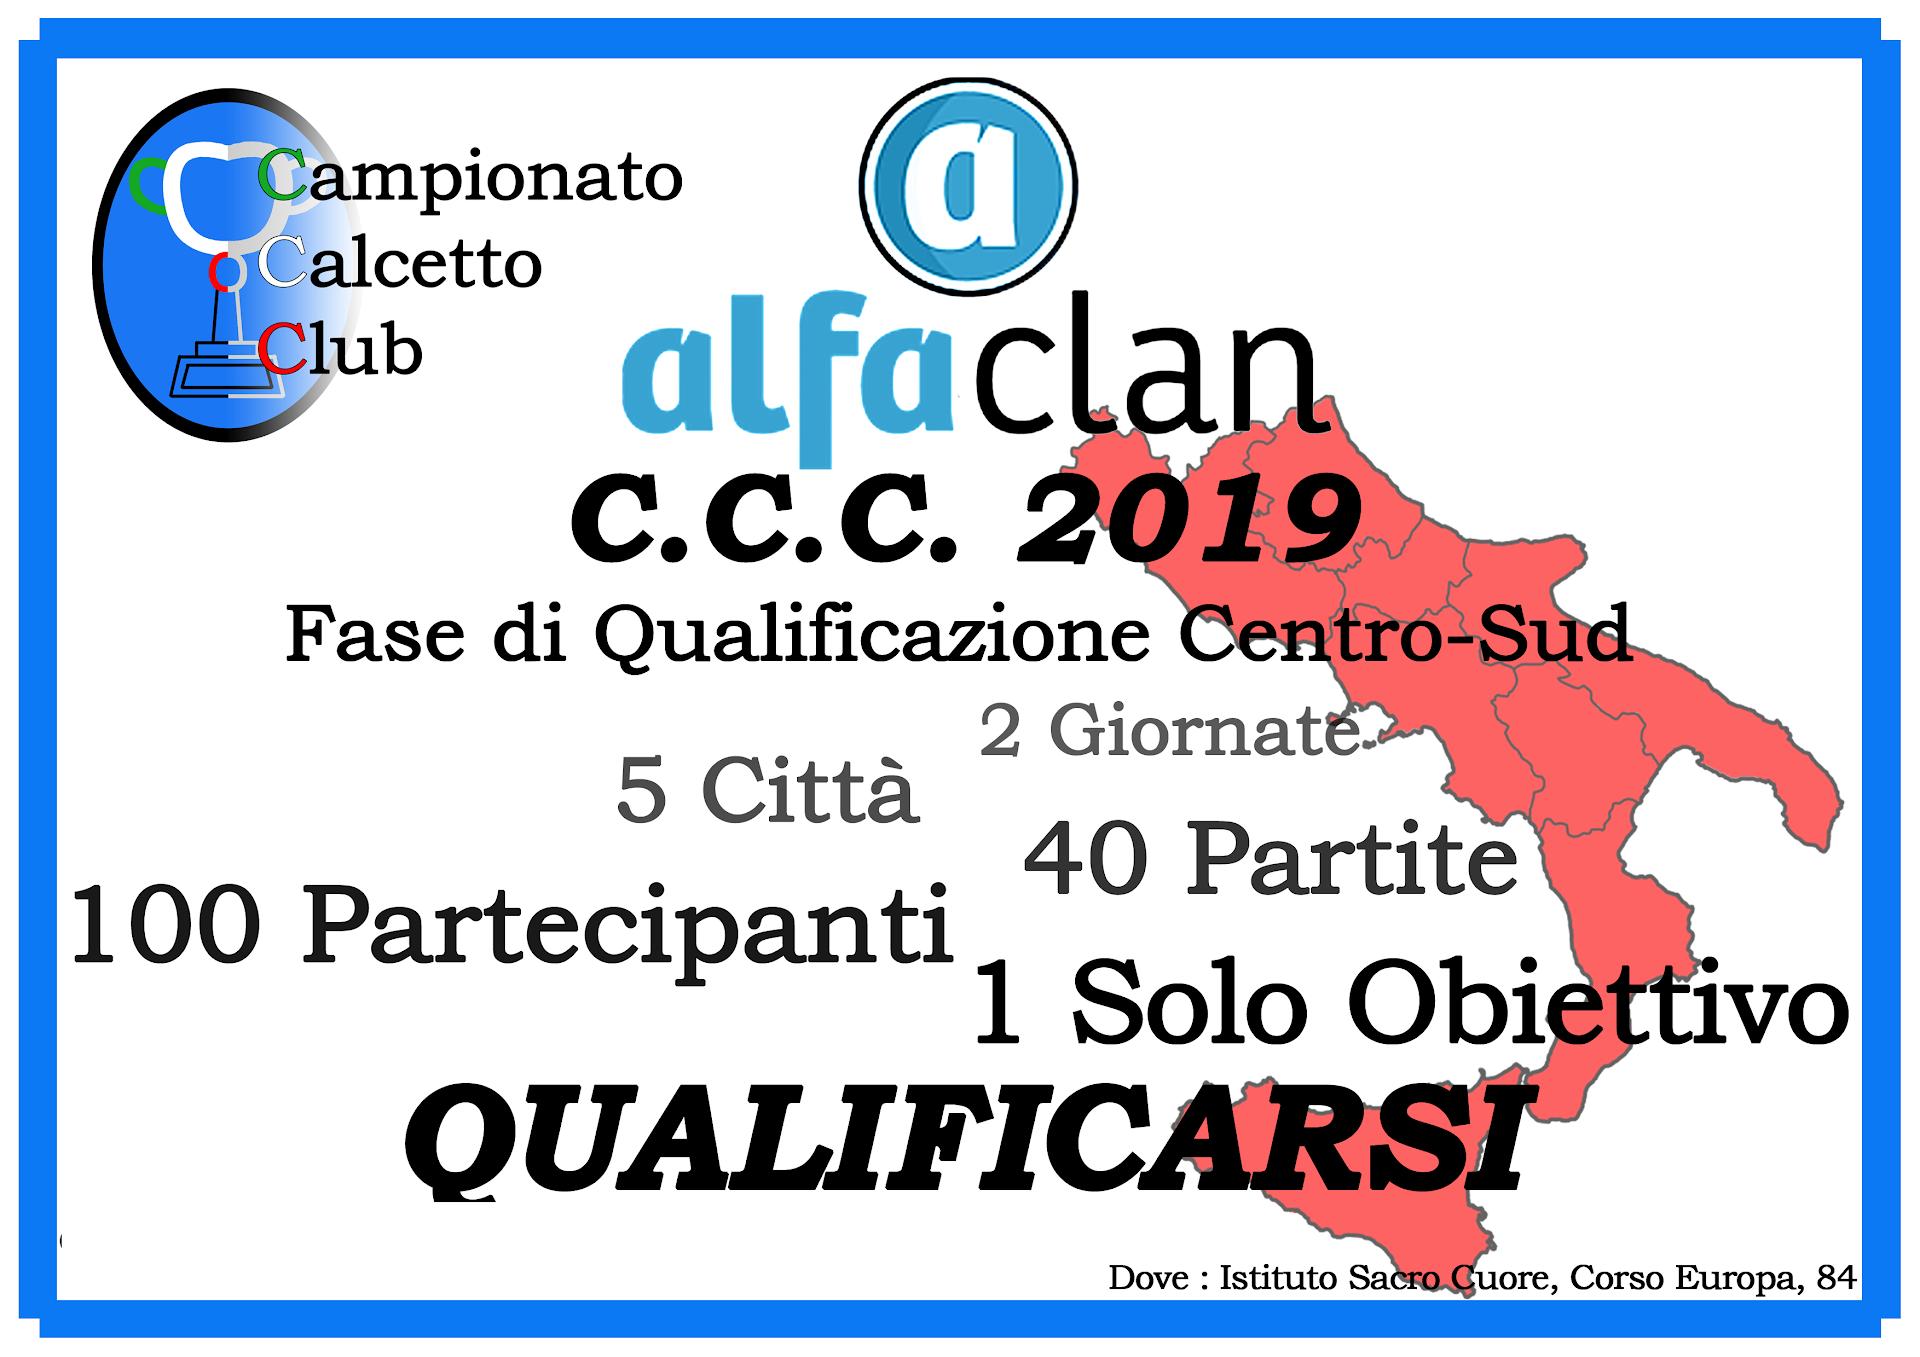 Campionato Calcetto Club 2019